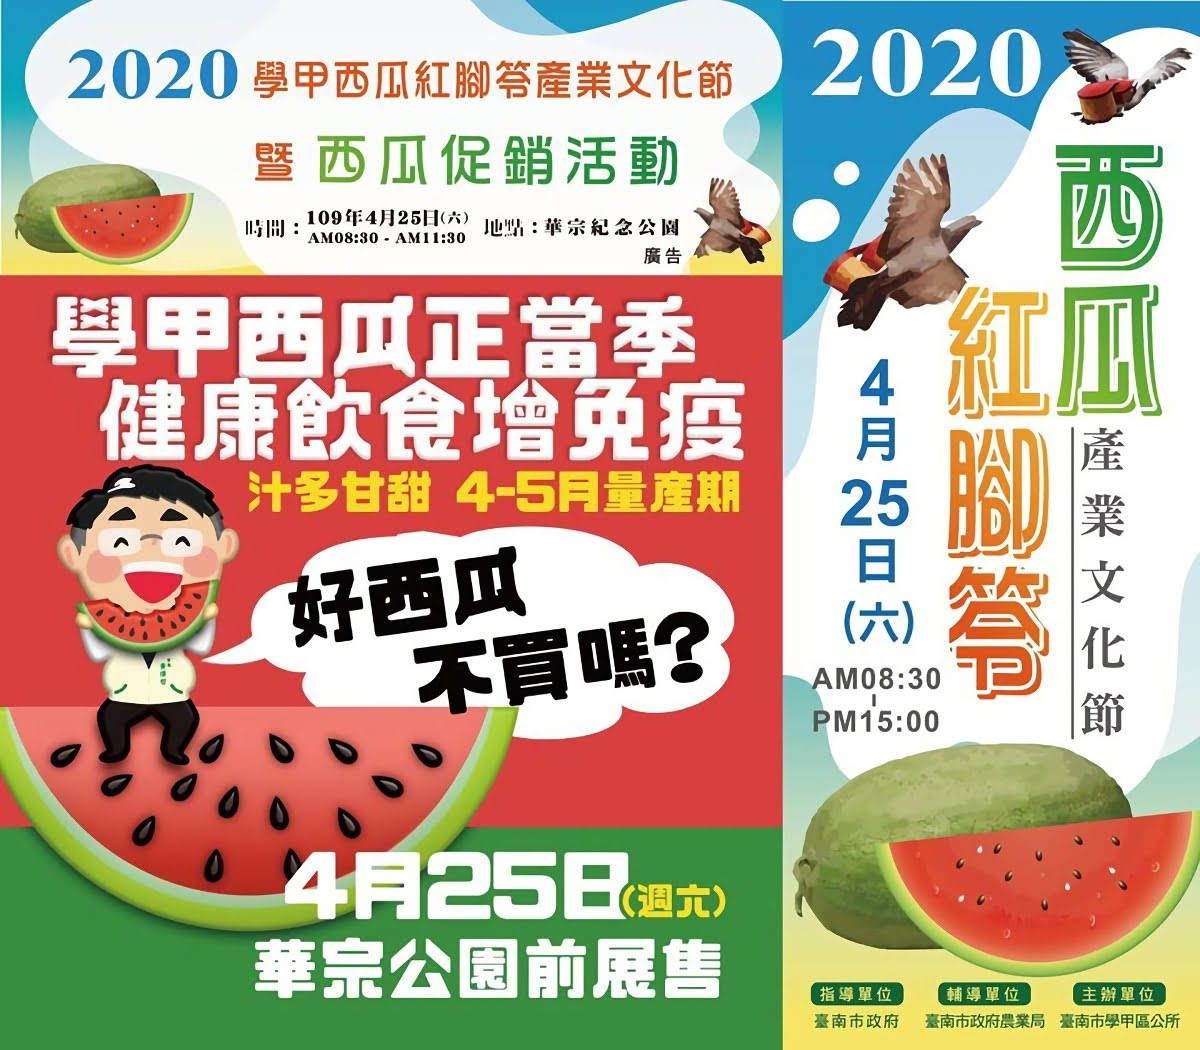 [活動] 2020學甲西瓜紅腳笭產業文化節|4/25華宗公園西瓜登場